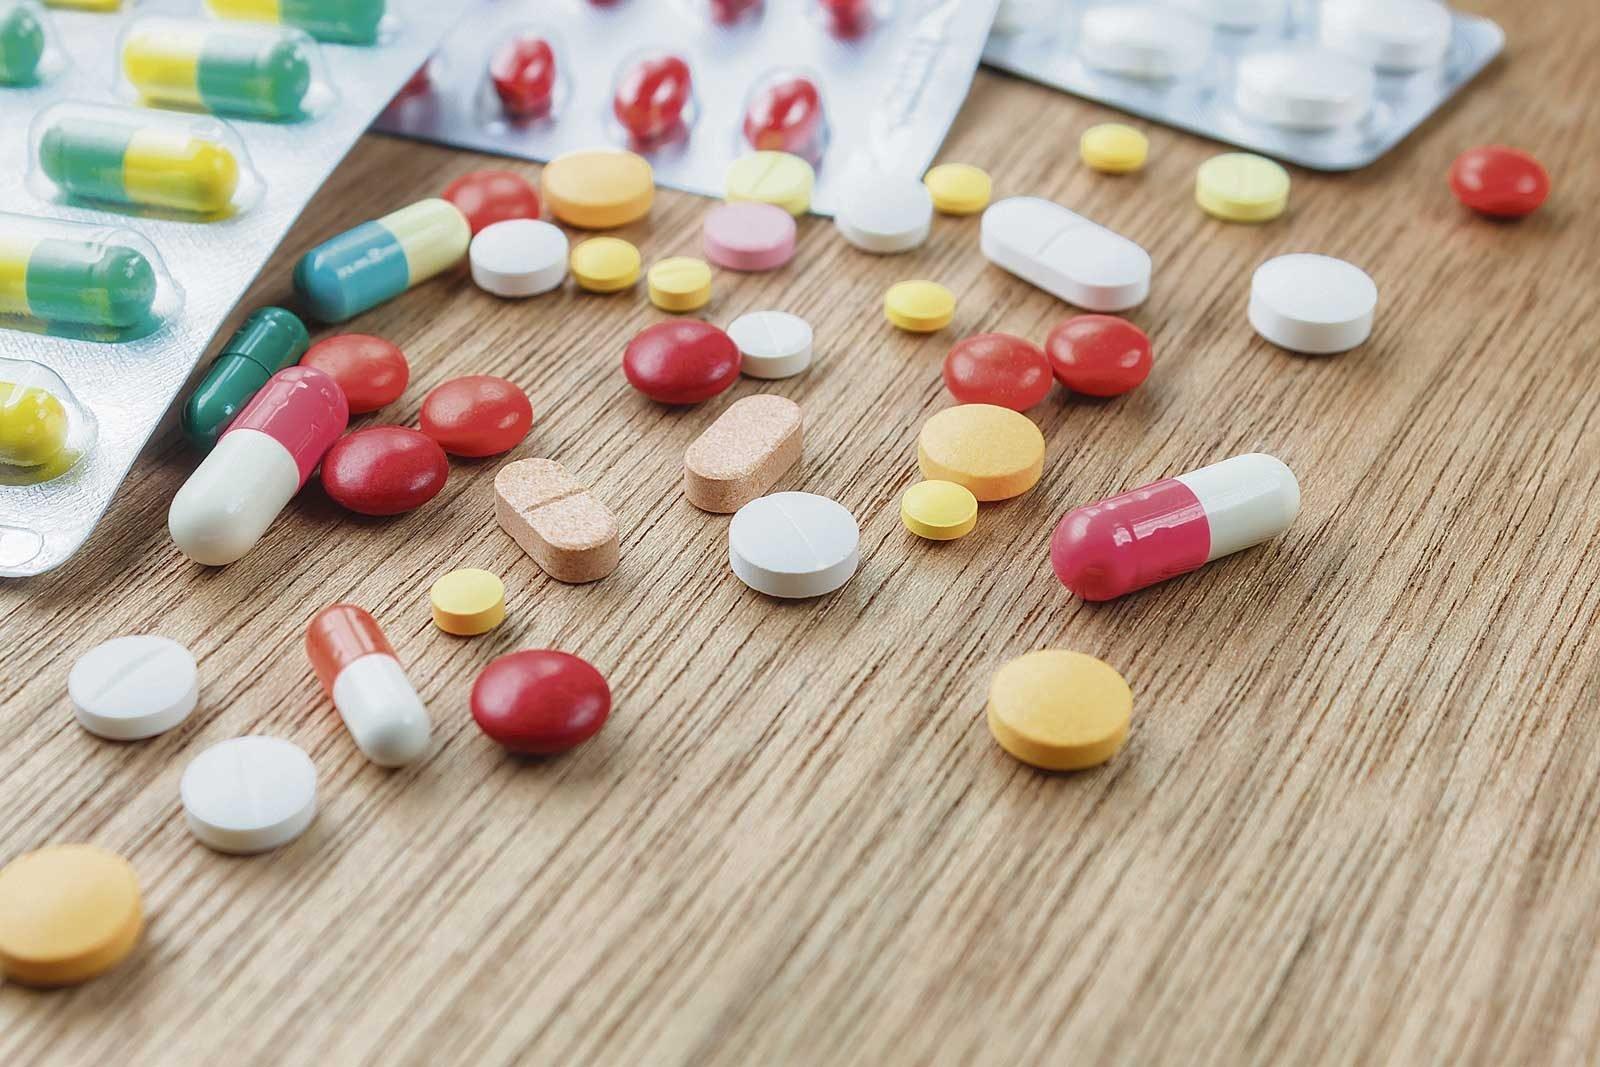 pastile pentru dureri articulare și musculare